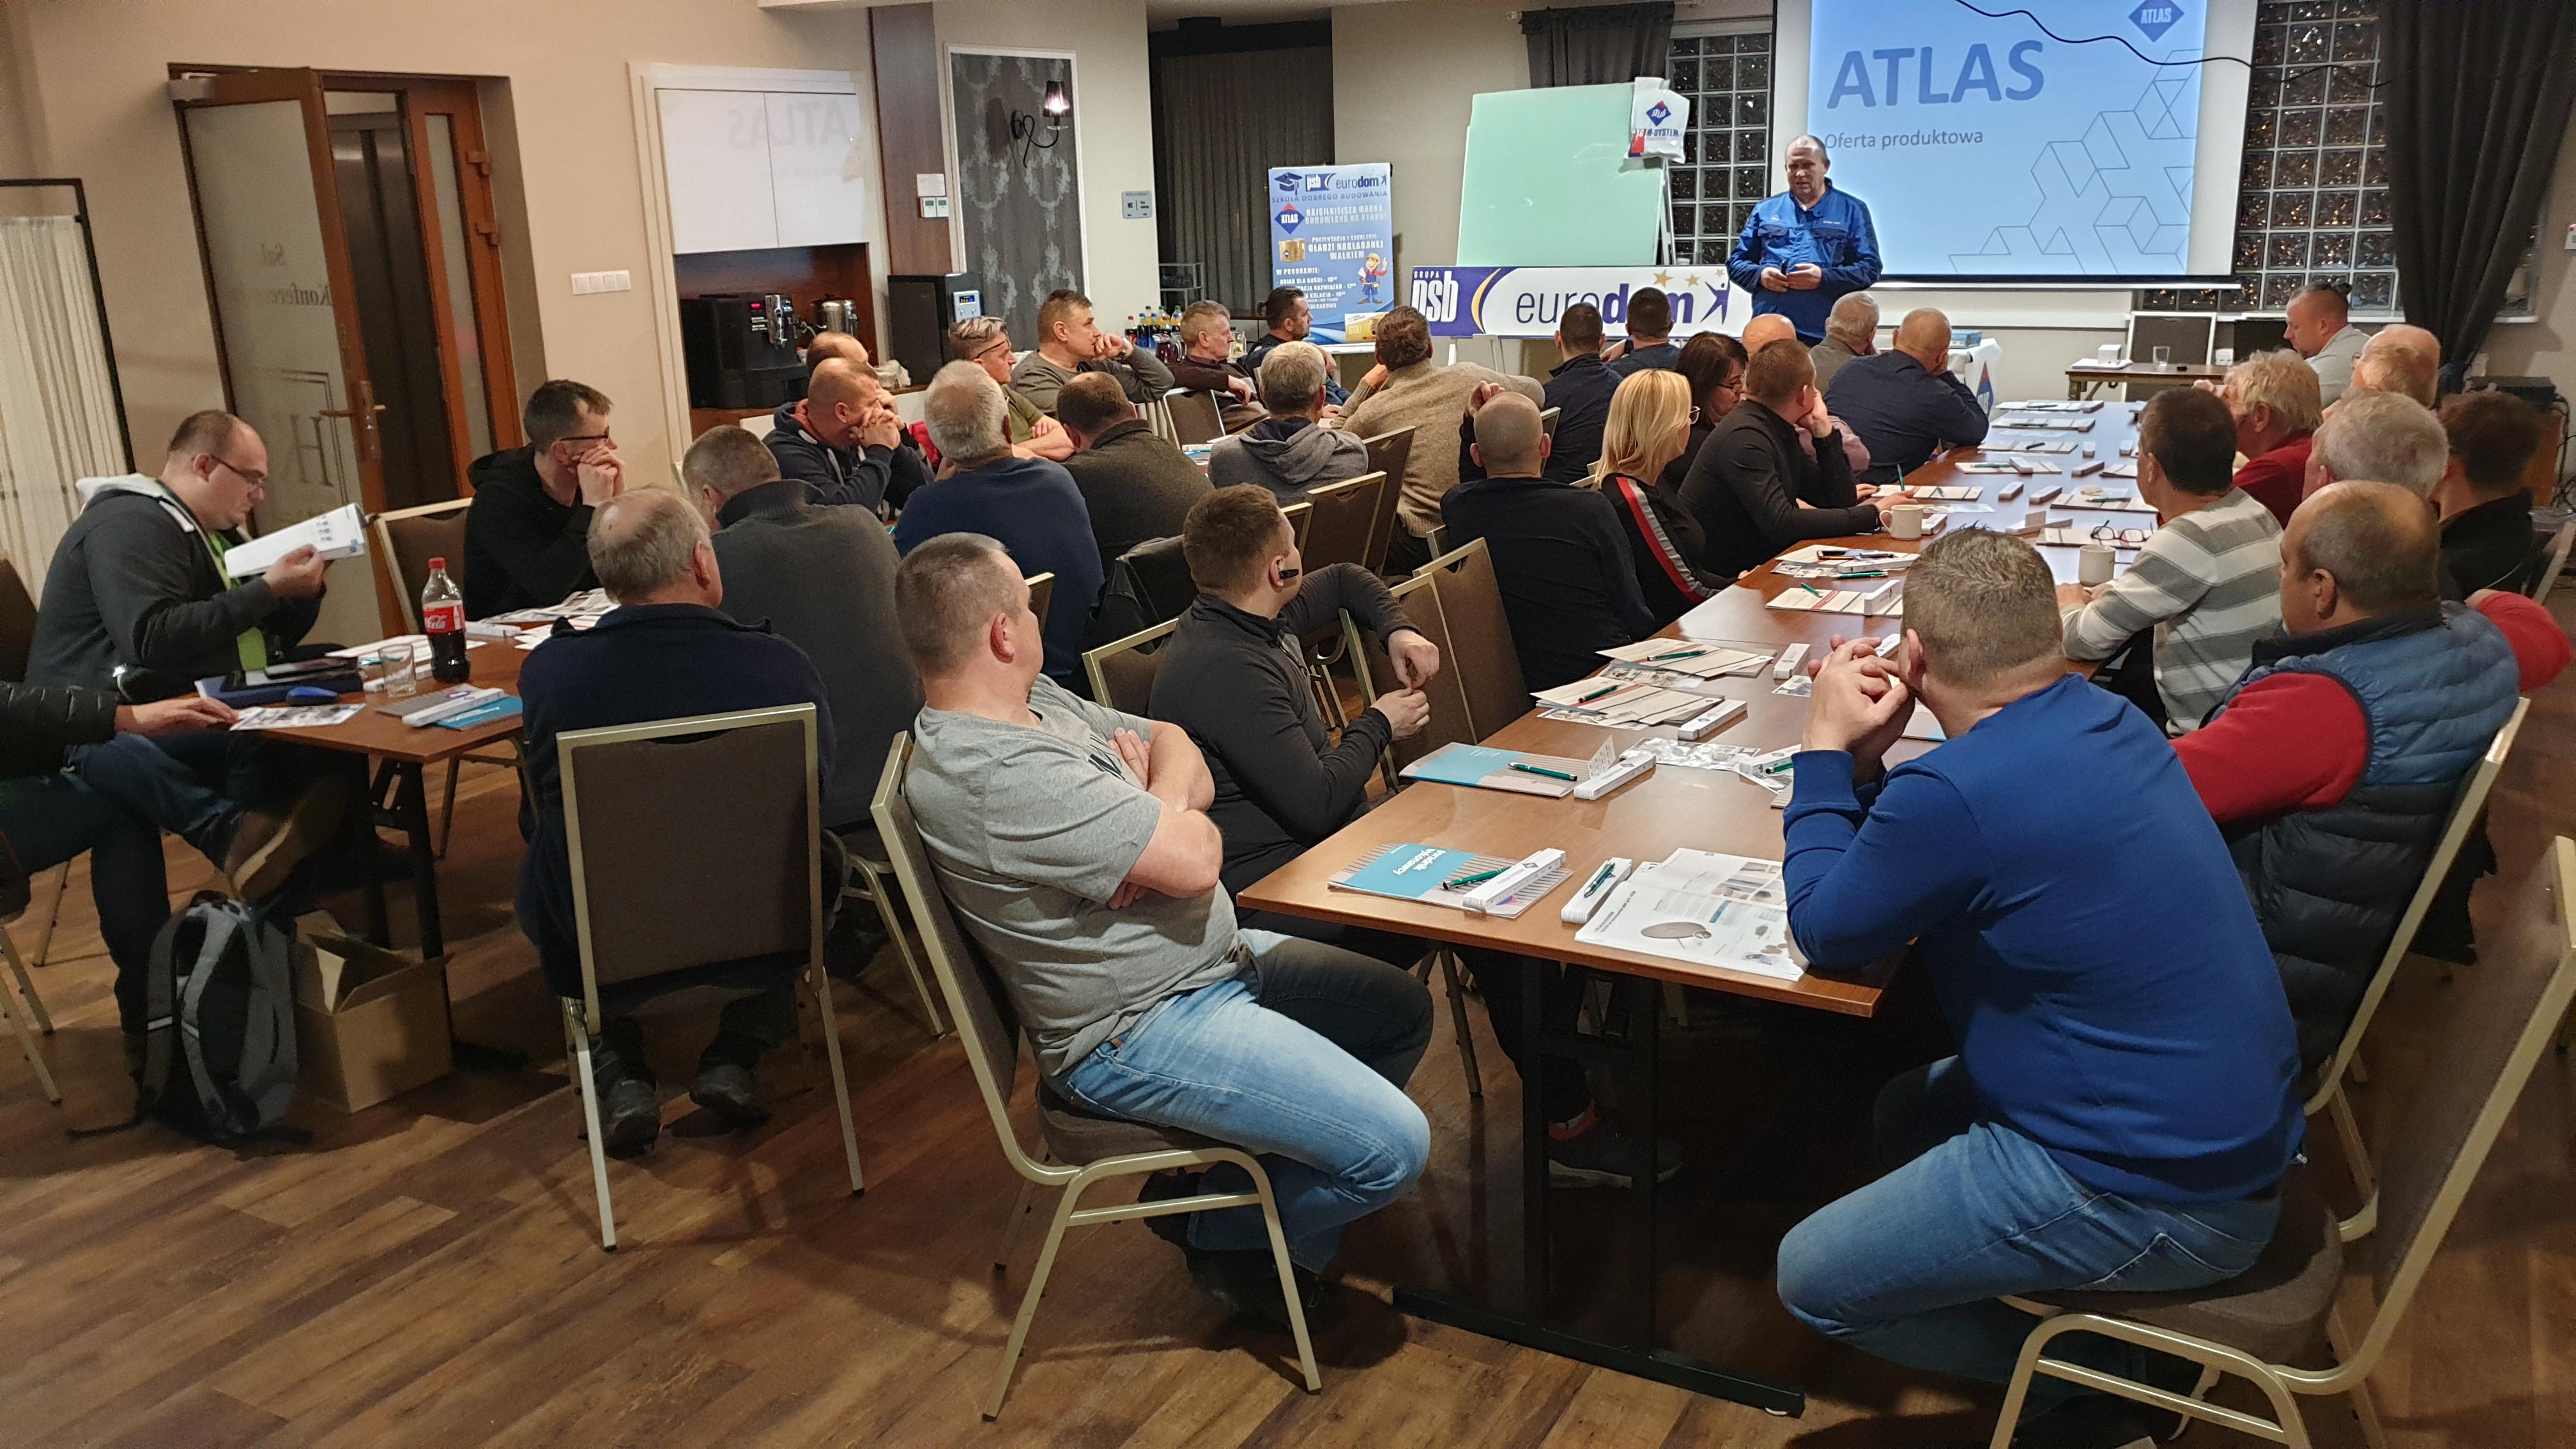 atlas-szkoli-wykonawcow-w-eurodom-siedlce